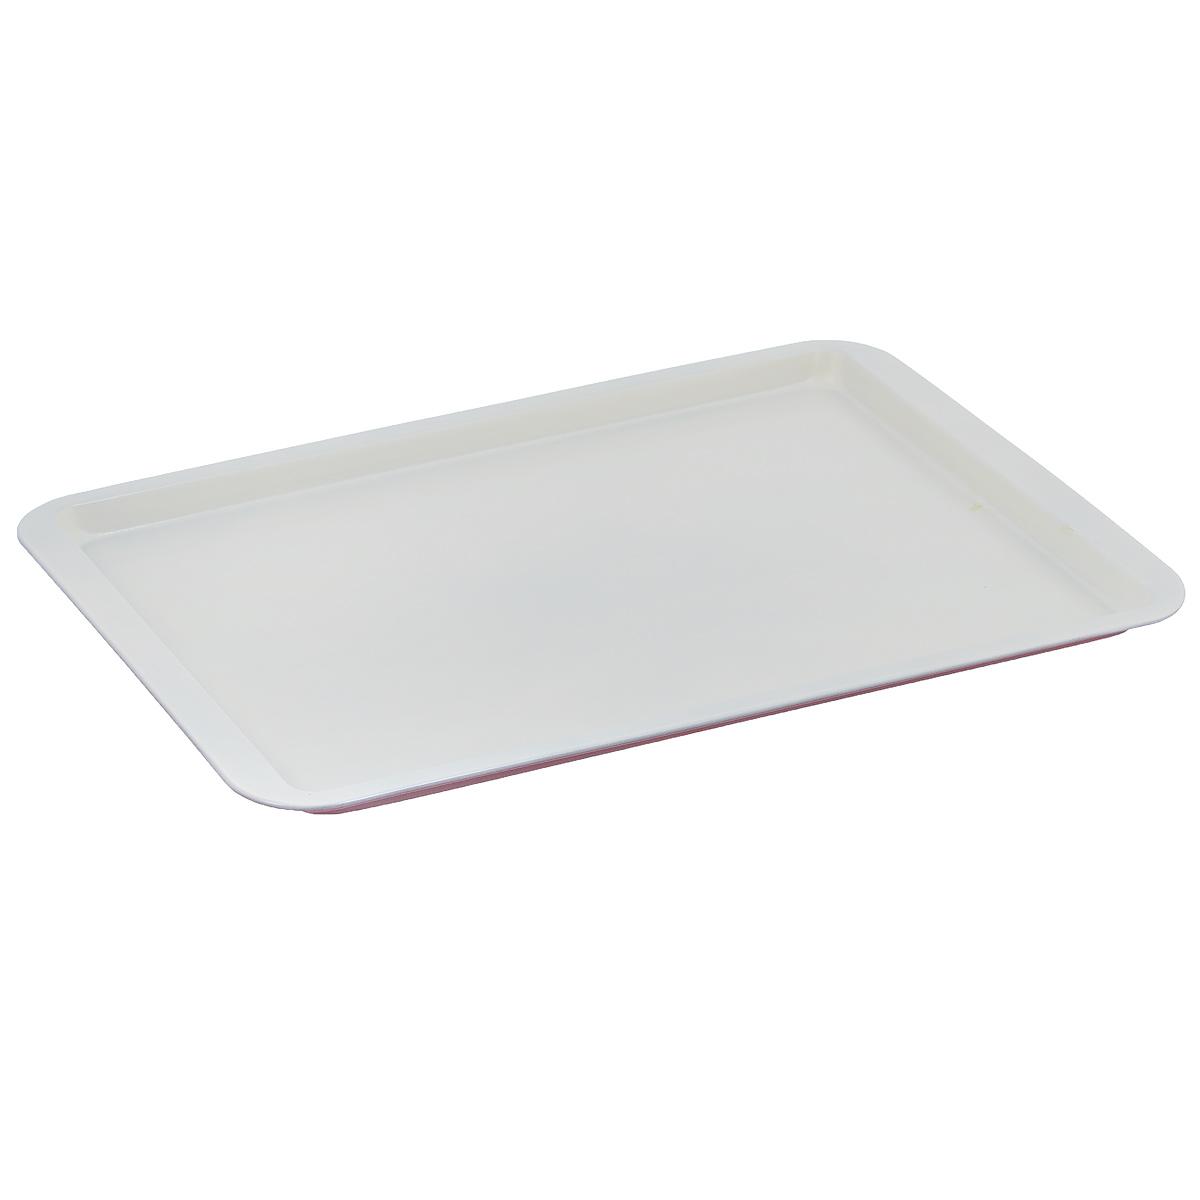 Противень Bekker, с керамическим покрытием, прямоугольный, цвет: красный, белый, 43 см х 29 смBK-3969Прямоугольный противень Bekker изготовлен из углеродистой стали с антипригарным керамическим покрытием Pfluon, благодаря чему пища не пригорает и не прилипает к стенкам посуды. Снаружи противня цветное жаропрочное покрытие. Готовить можно с добавлением минимального количества масла и жиров. Антипригарное покрытие также обеспечивает легкость мытья. Стенки ровные.Для чистки нельзя использовать абразивные чистящие средства и жесткие губки. Подходит для использования в духовом шкафу. Нельзя мыть в посудомоечной машине.